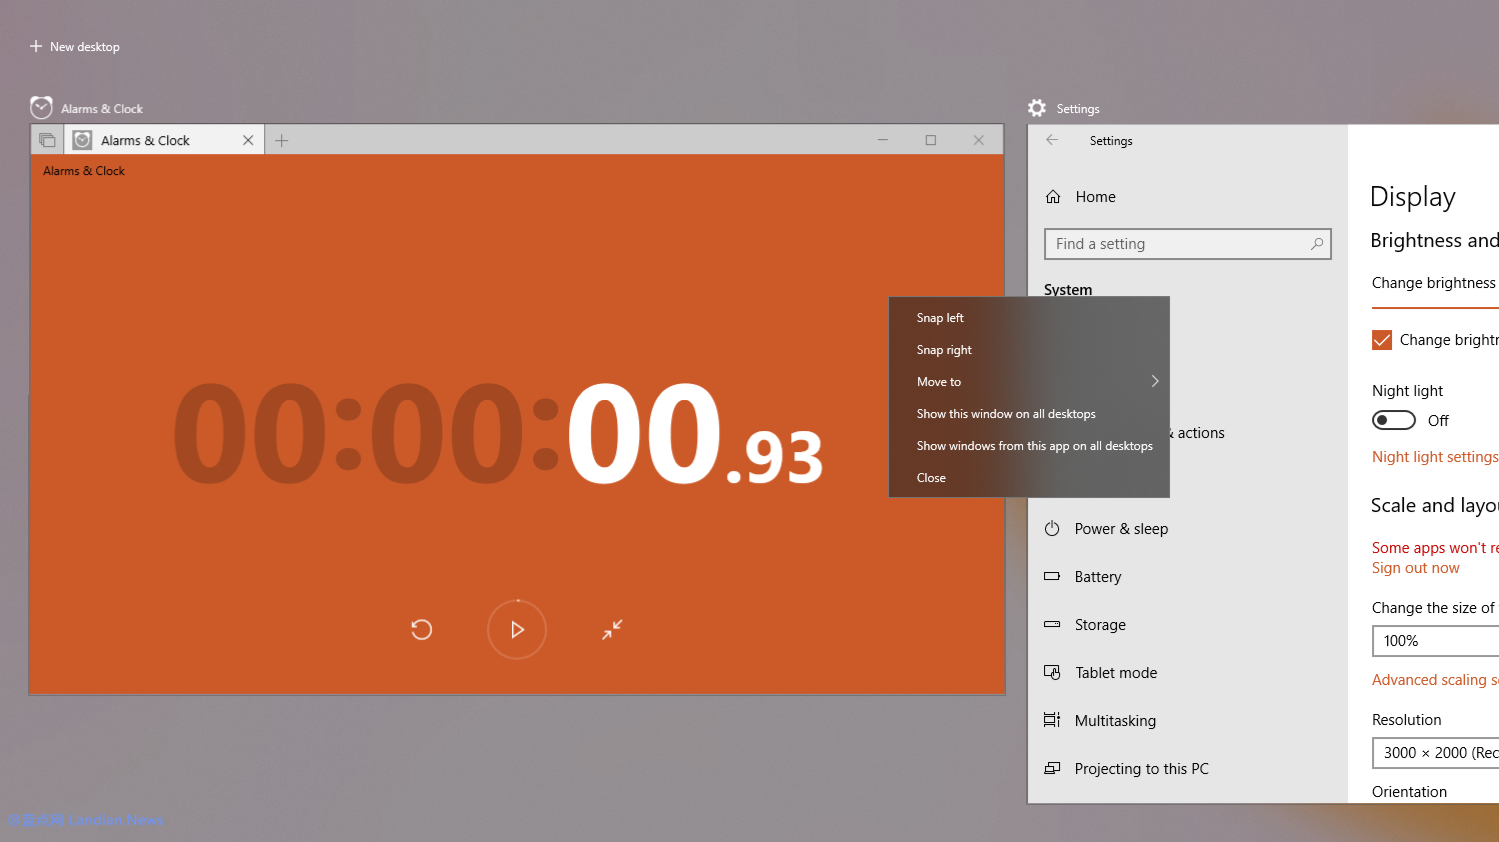 微软正在Windows 10 预览版中测试右键菜单半透明化